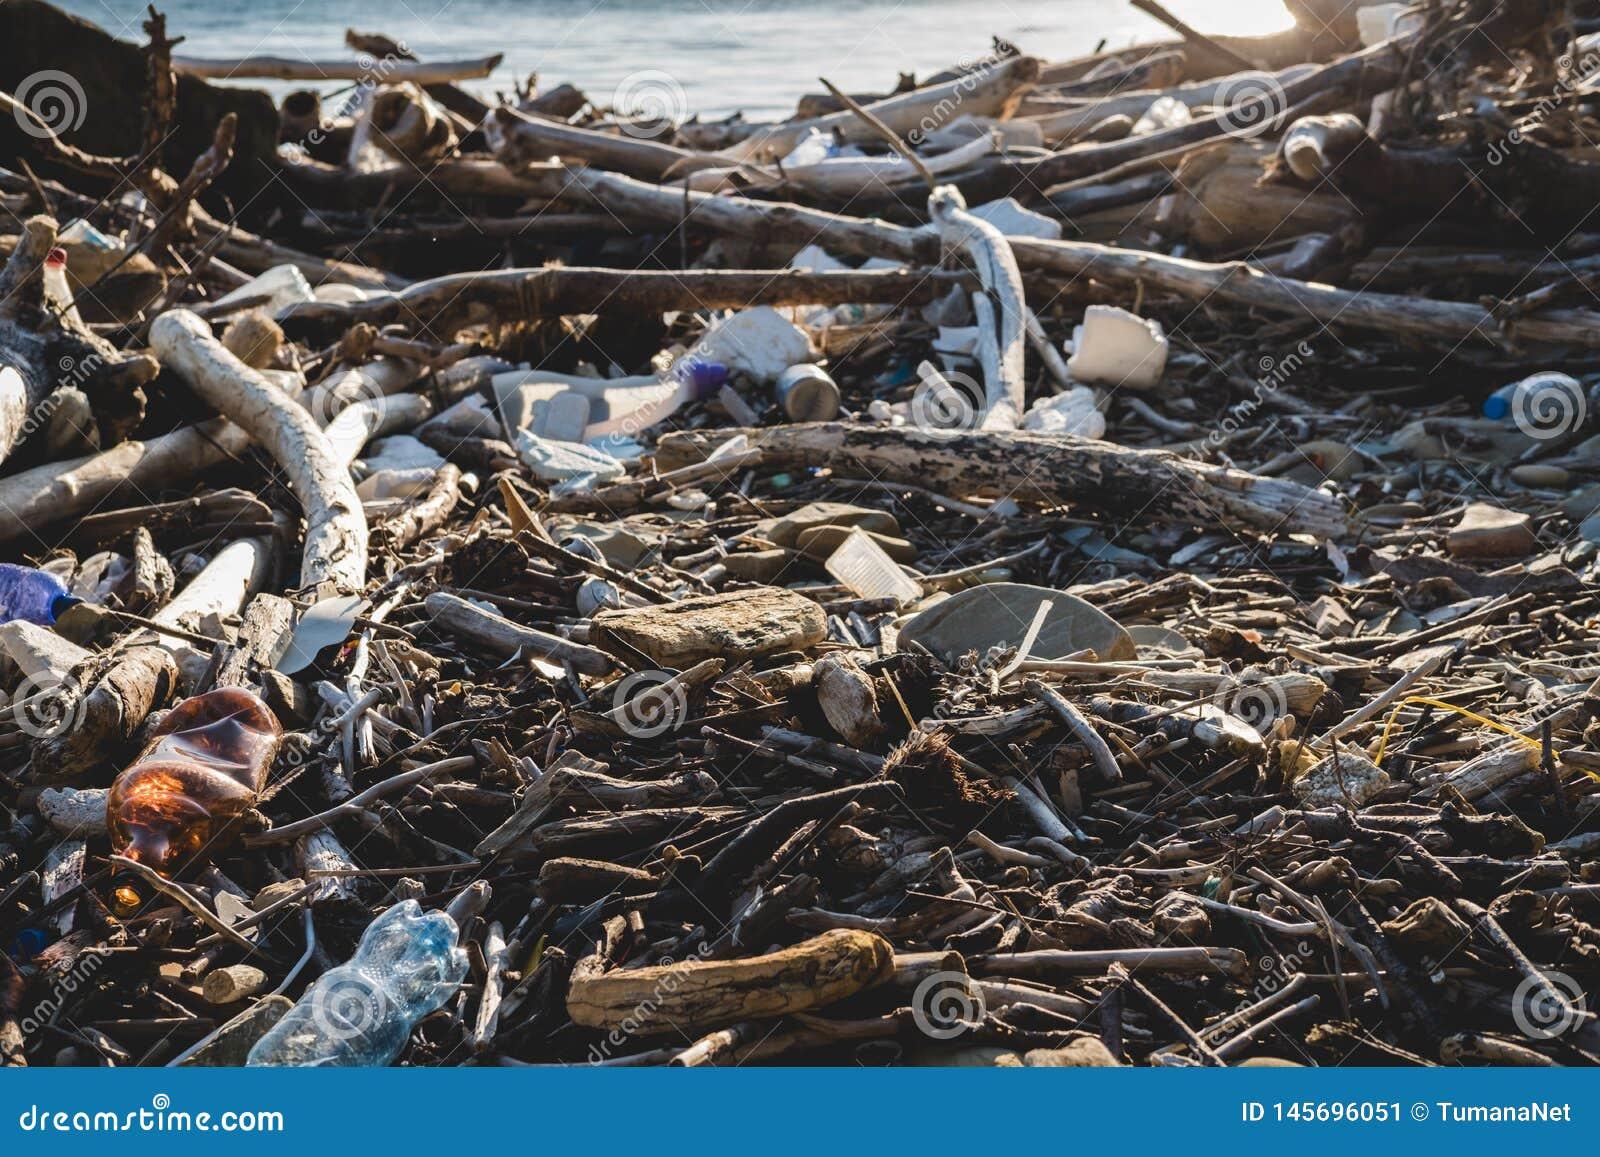 Koncepcja ekologicznego Ekologia problemy planety ziemia Banialuki w miejscach odpoczynek morzem Klingeryt butelki w?r?d